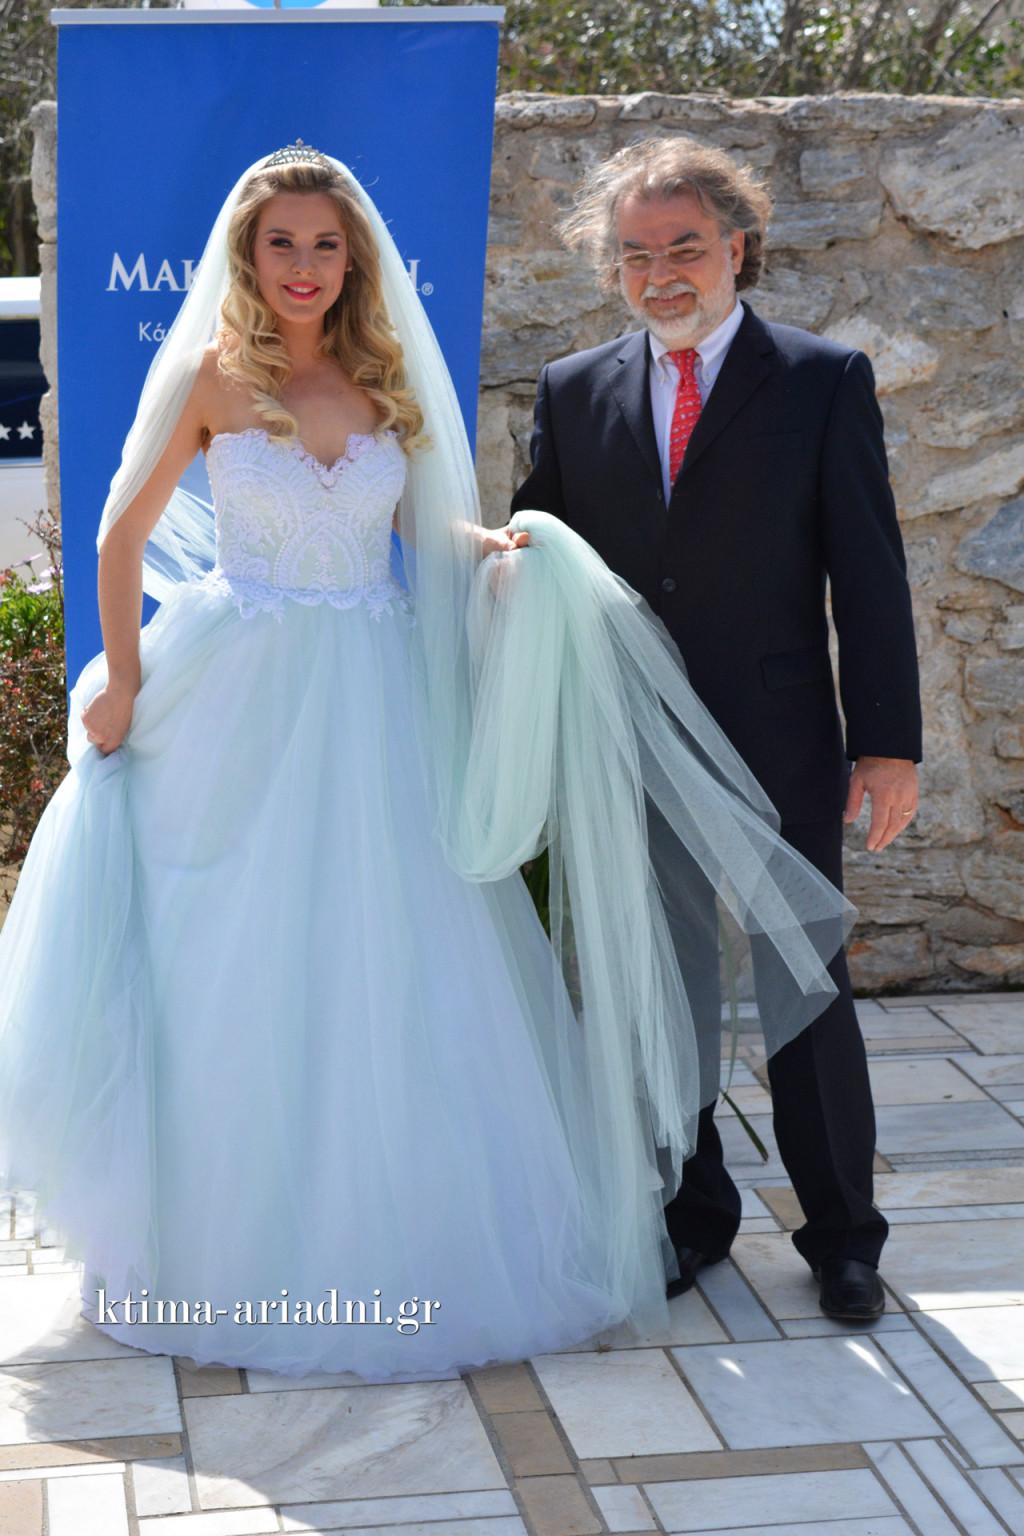 Ο γιατρός του οργανισμού Make a Wish κος Παπαδάκης συνοδεύει την νύφη Barbie